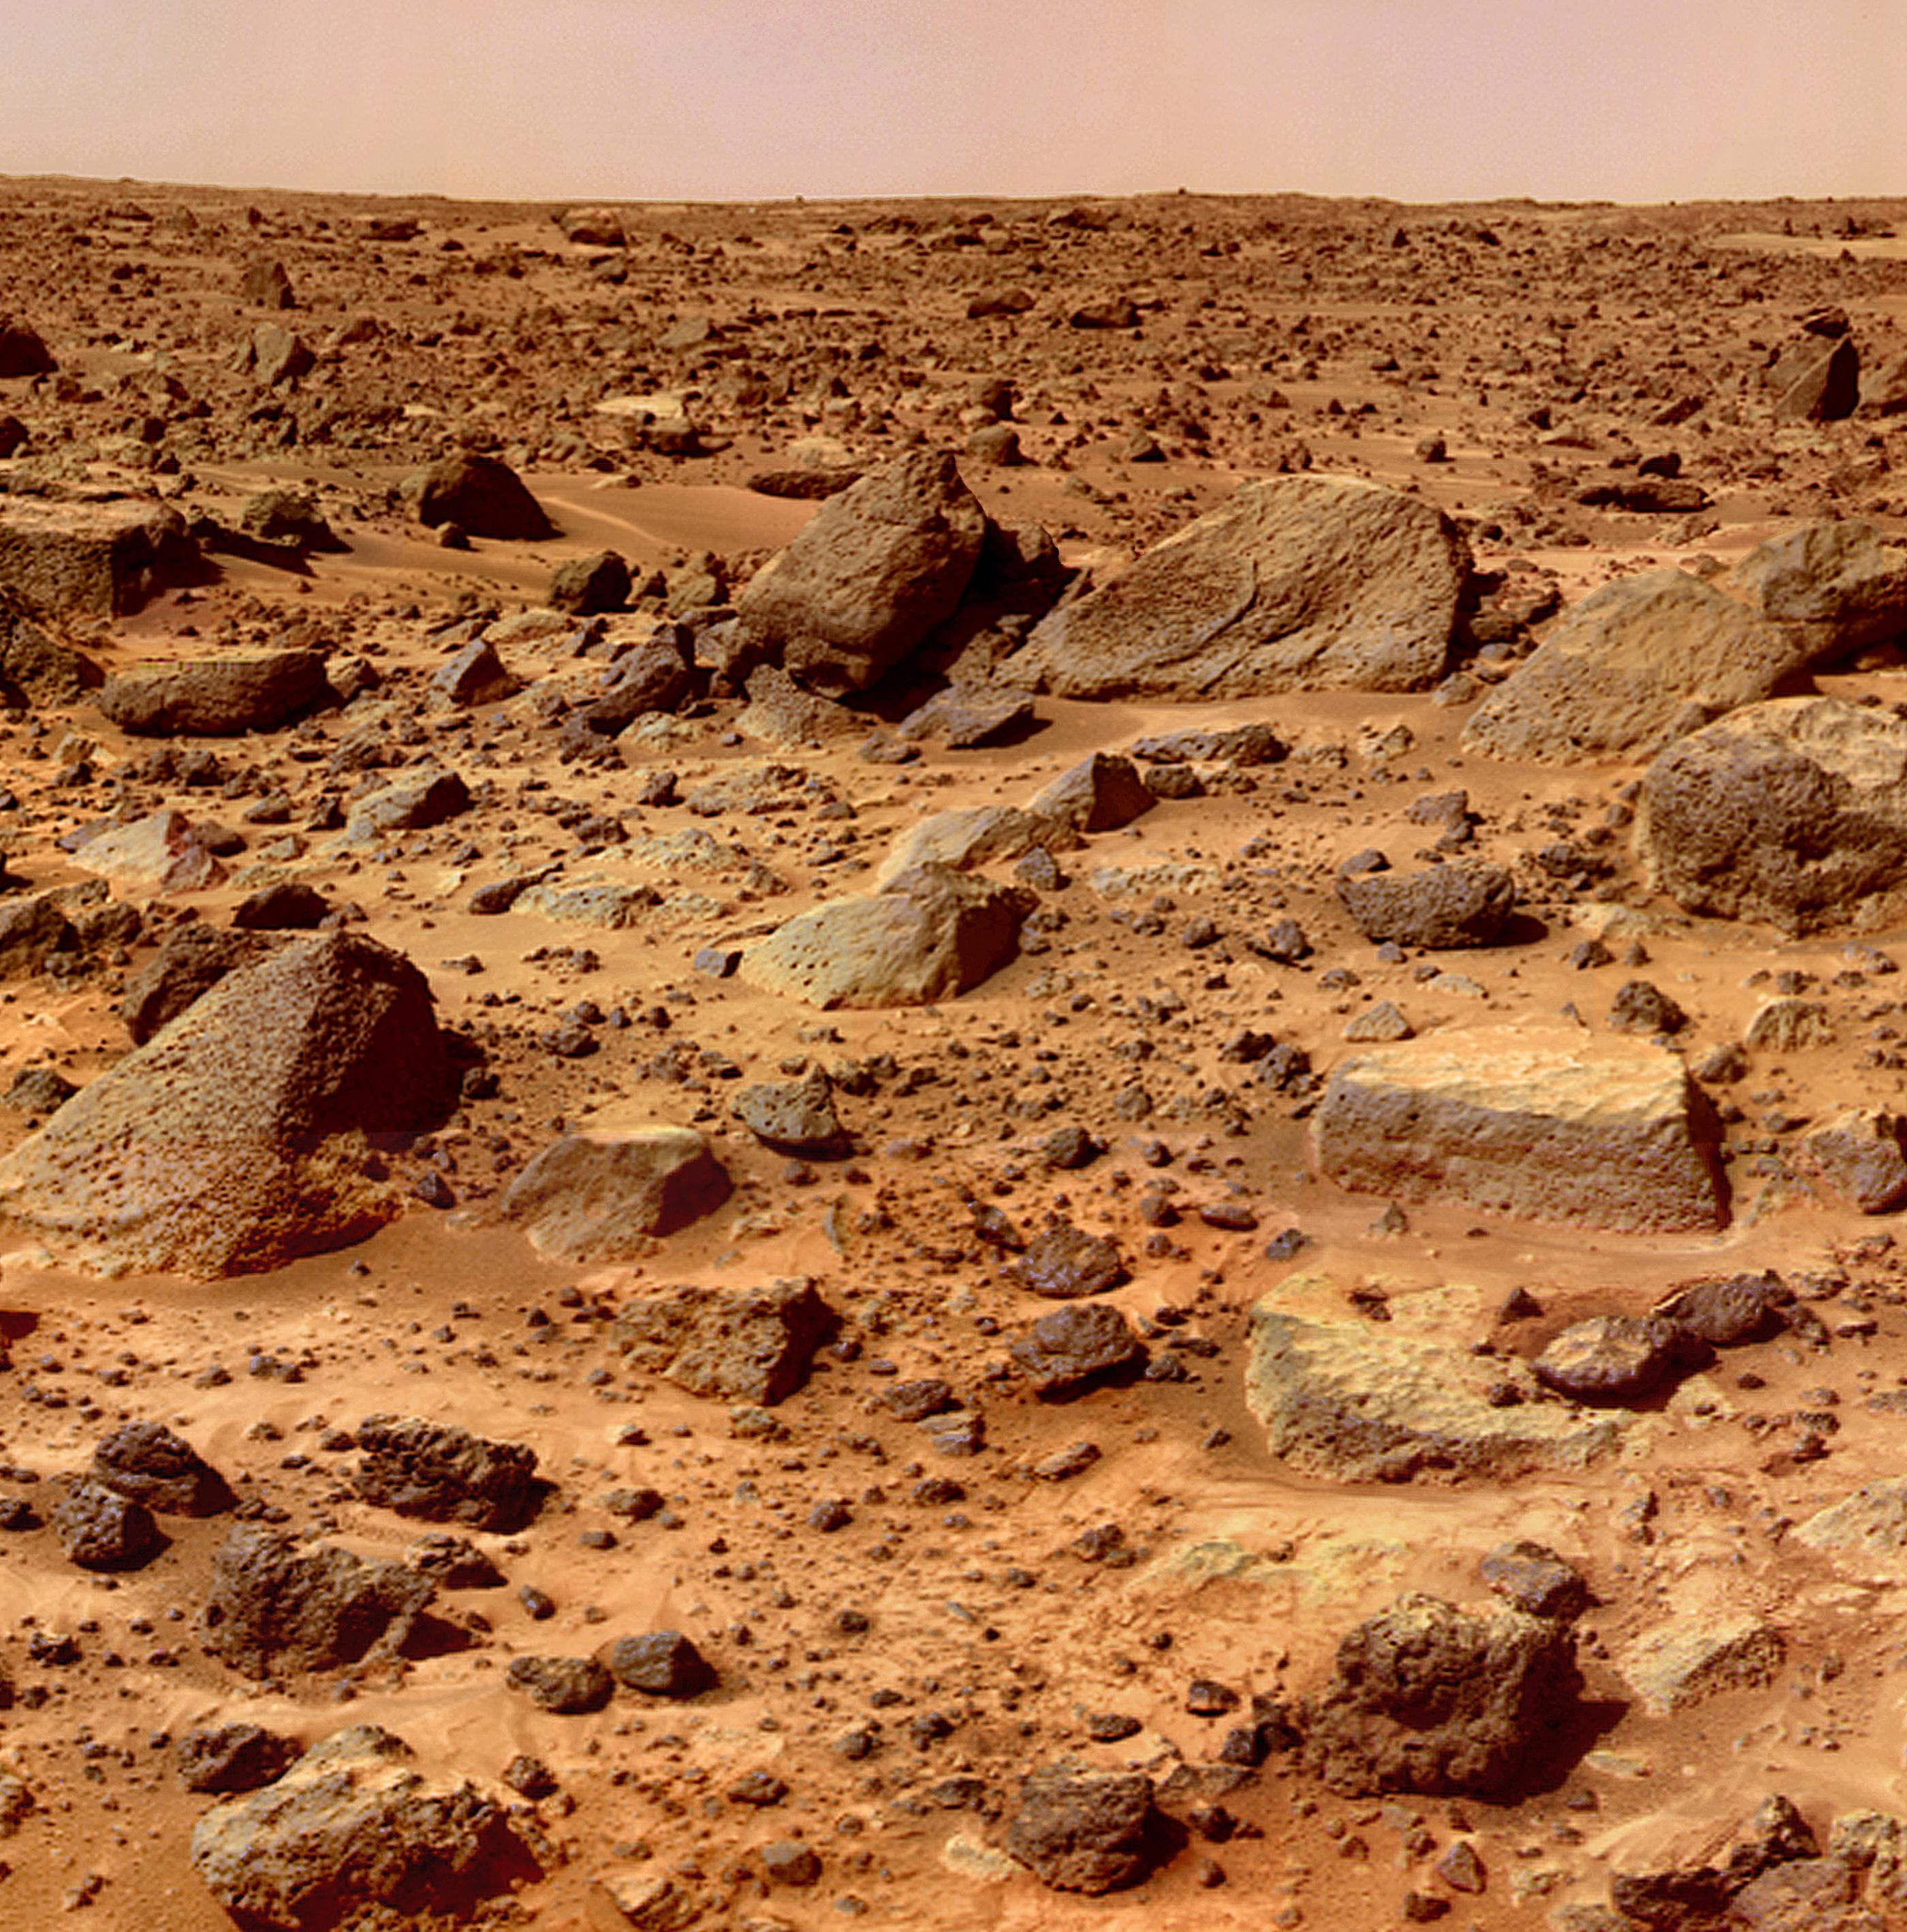 File:Mars rocks.jpg